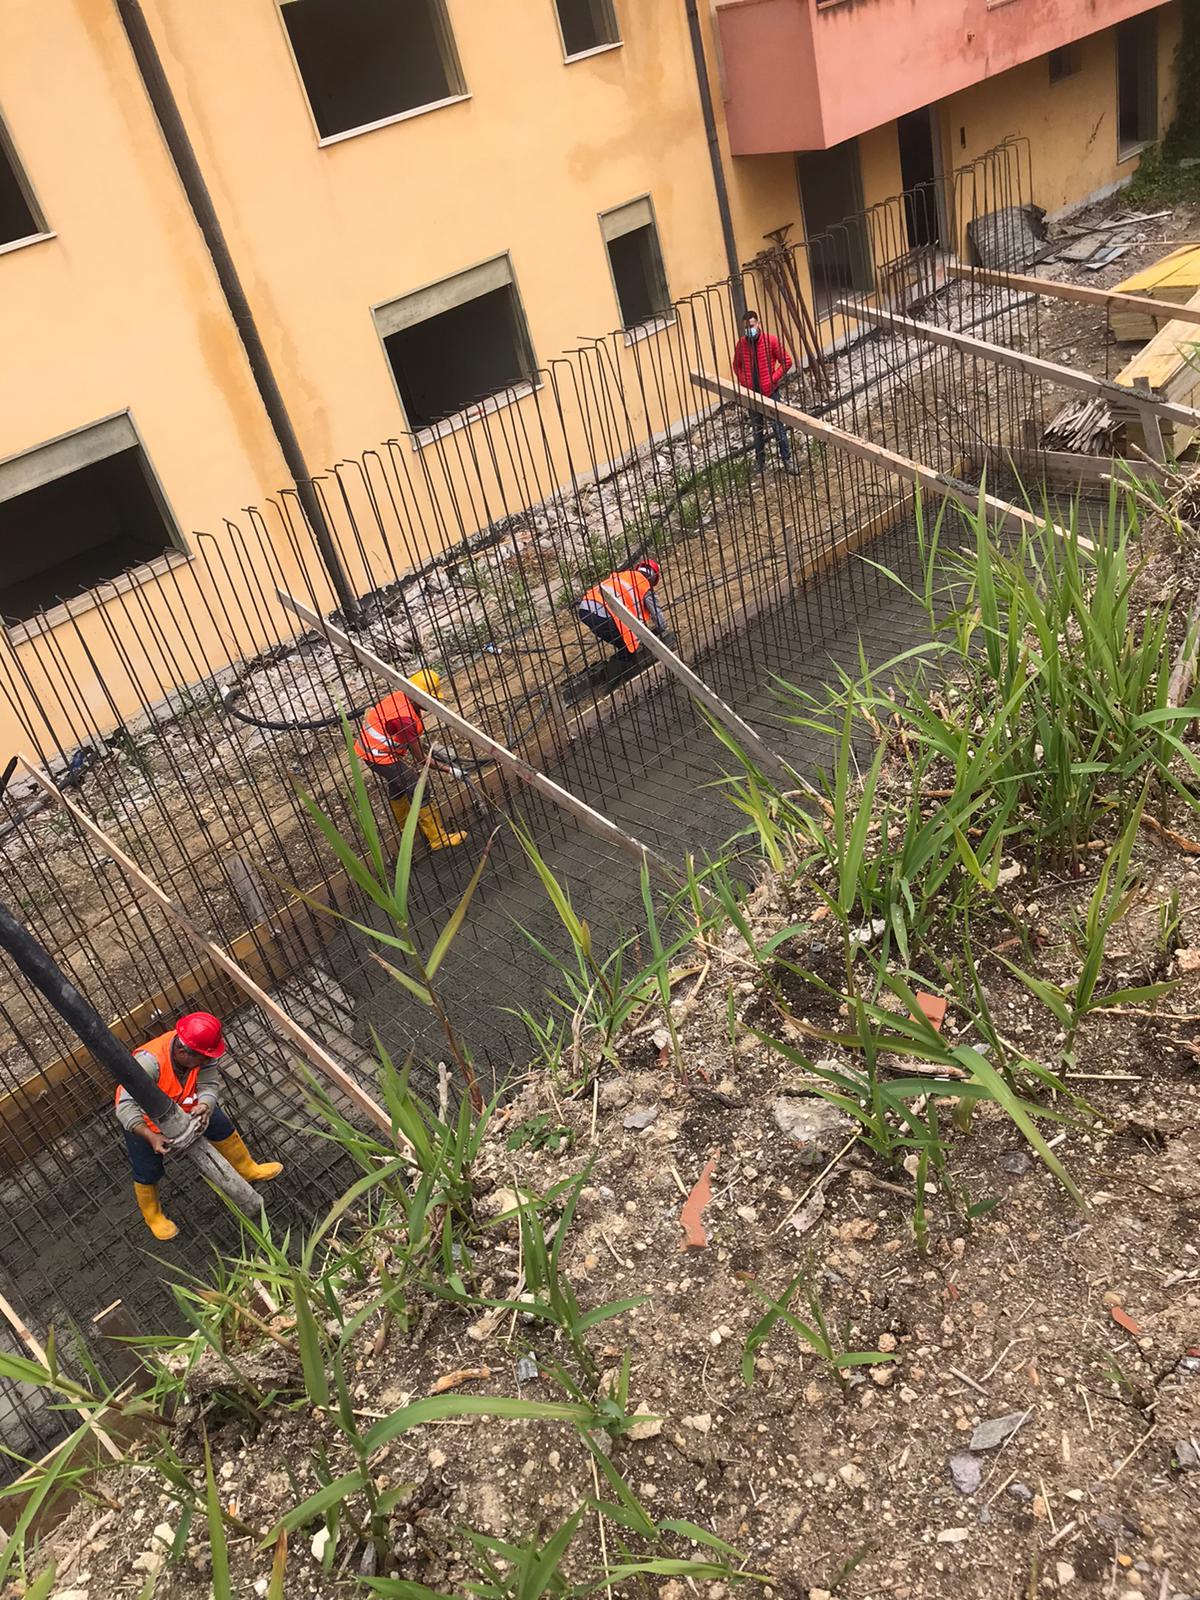 Progetto Abitare Villafranca Tirrena: in corso i lavori per realizzazione di 26 alloggi sociali e spazi comuni